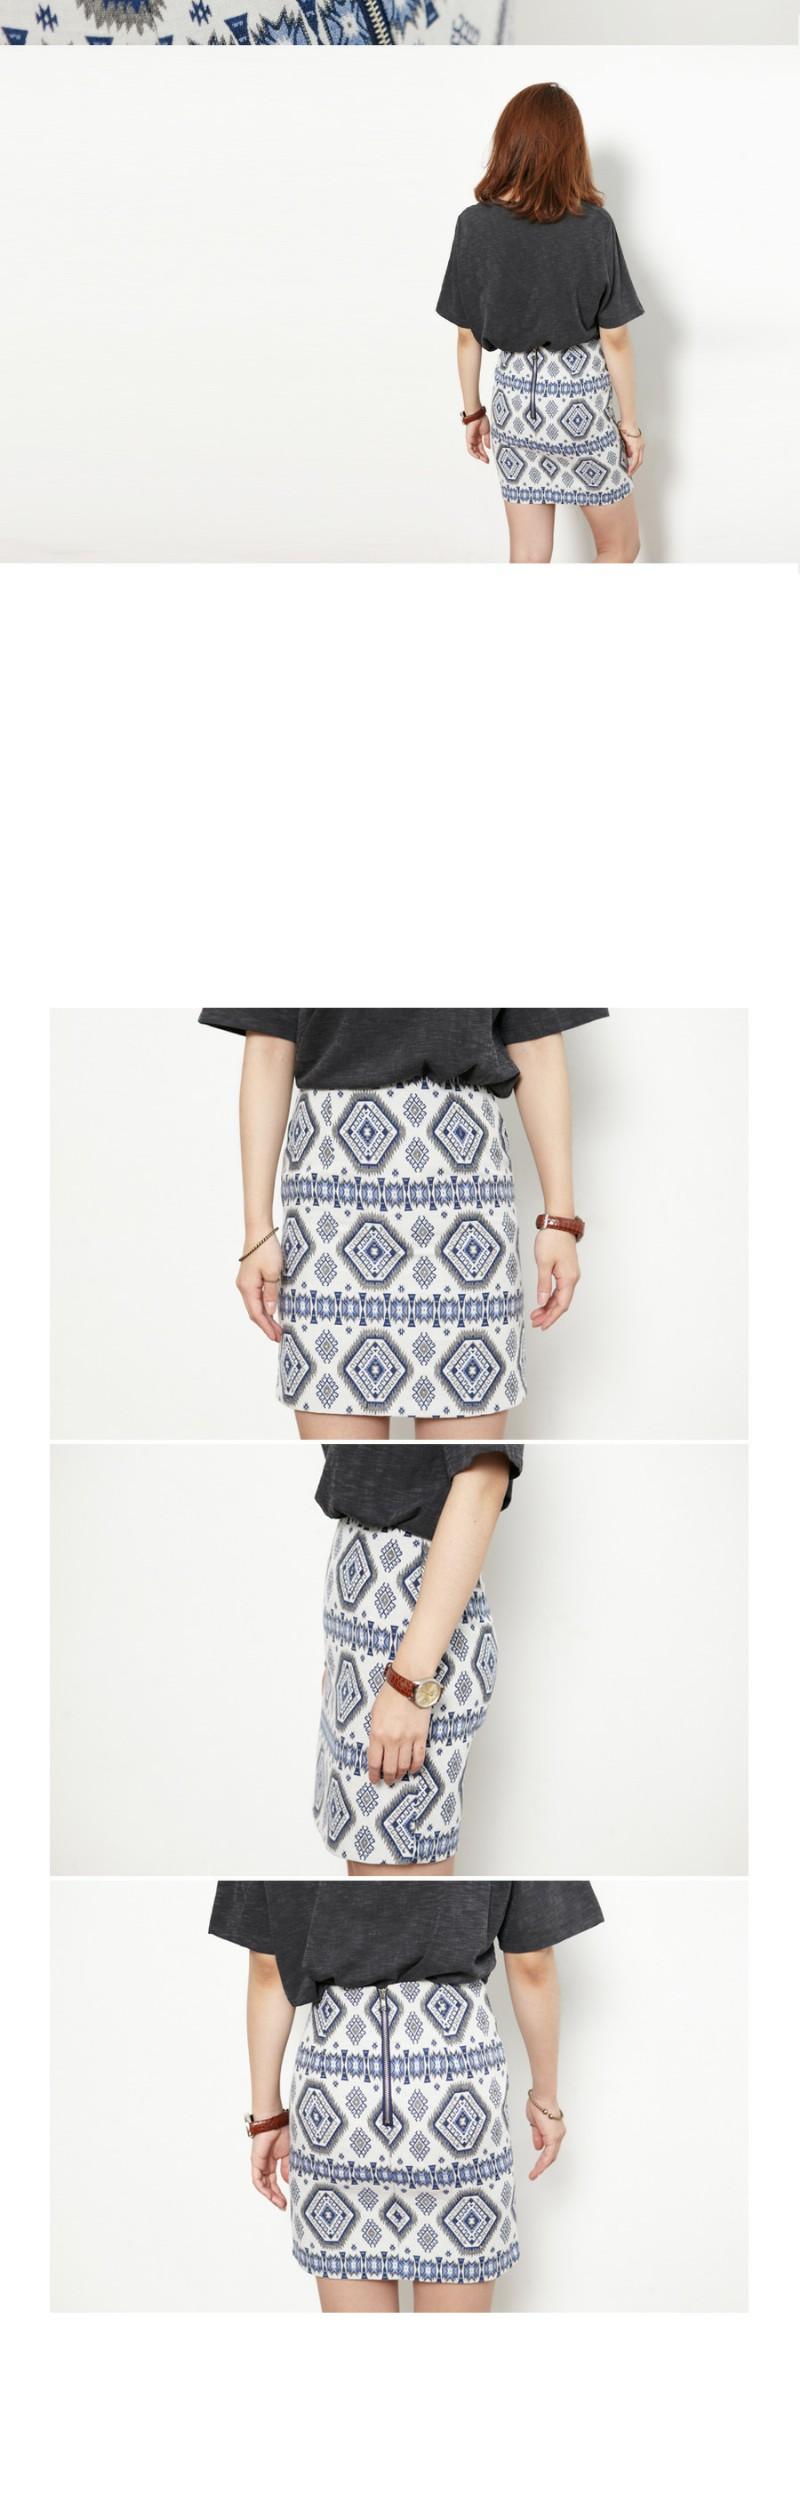 Jacquard slim mini skirt